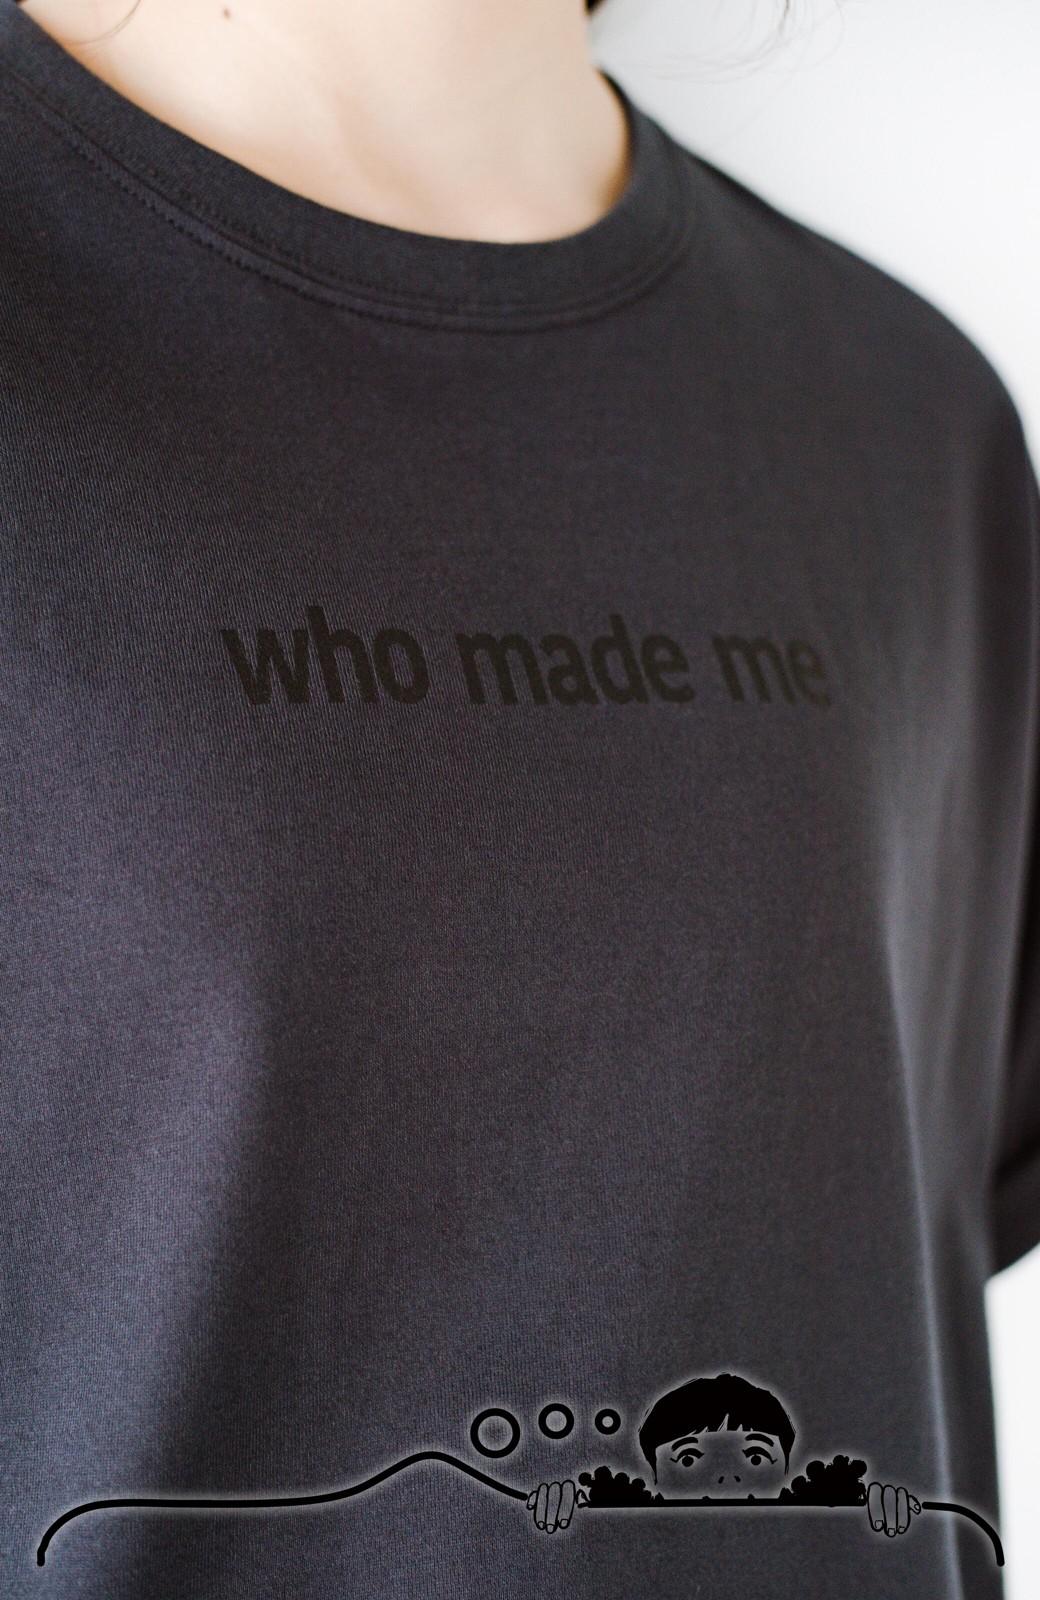 haco! あるかないかで大違い!大人の抜け感を醸し出すさりげなロゴTシャツ by who made me + PBP <チャコールグレー>の商品写真4